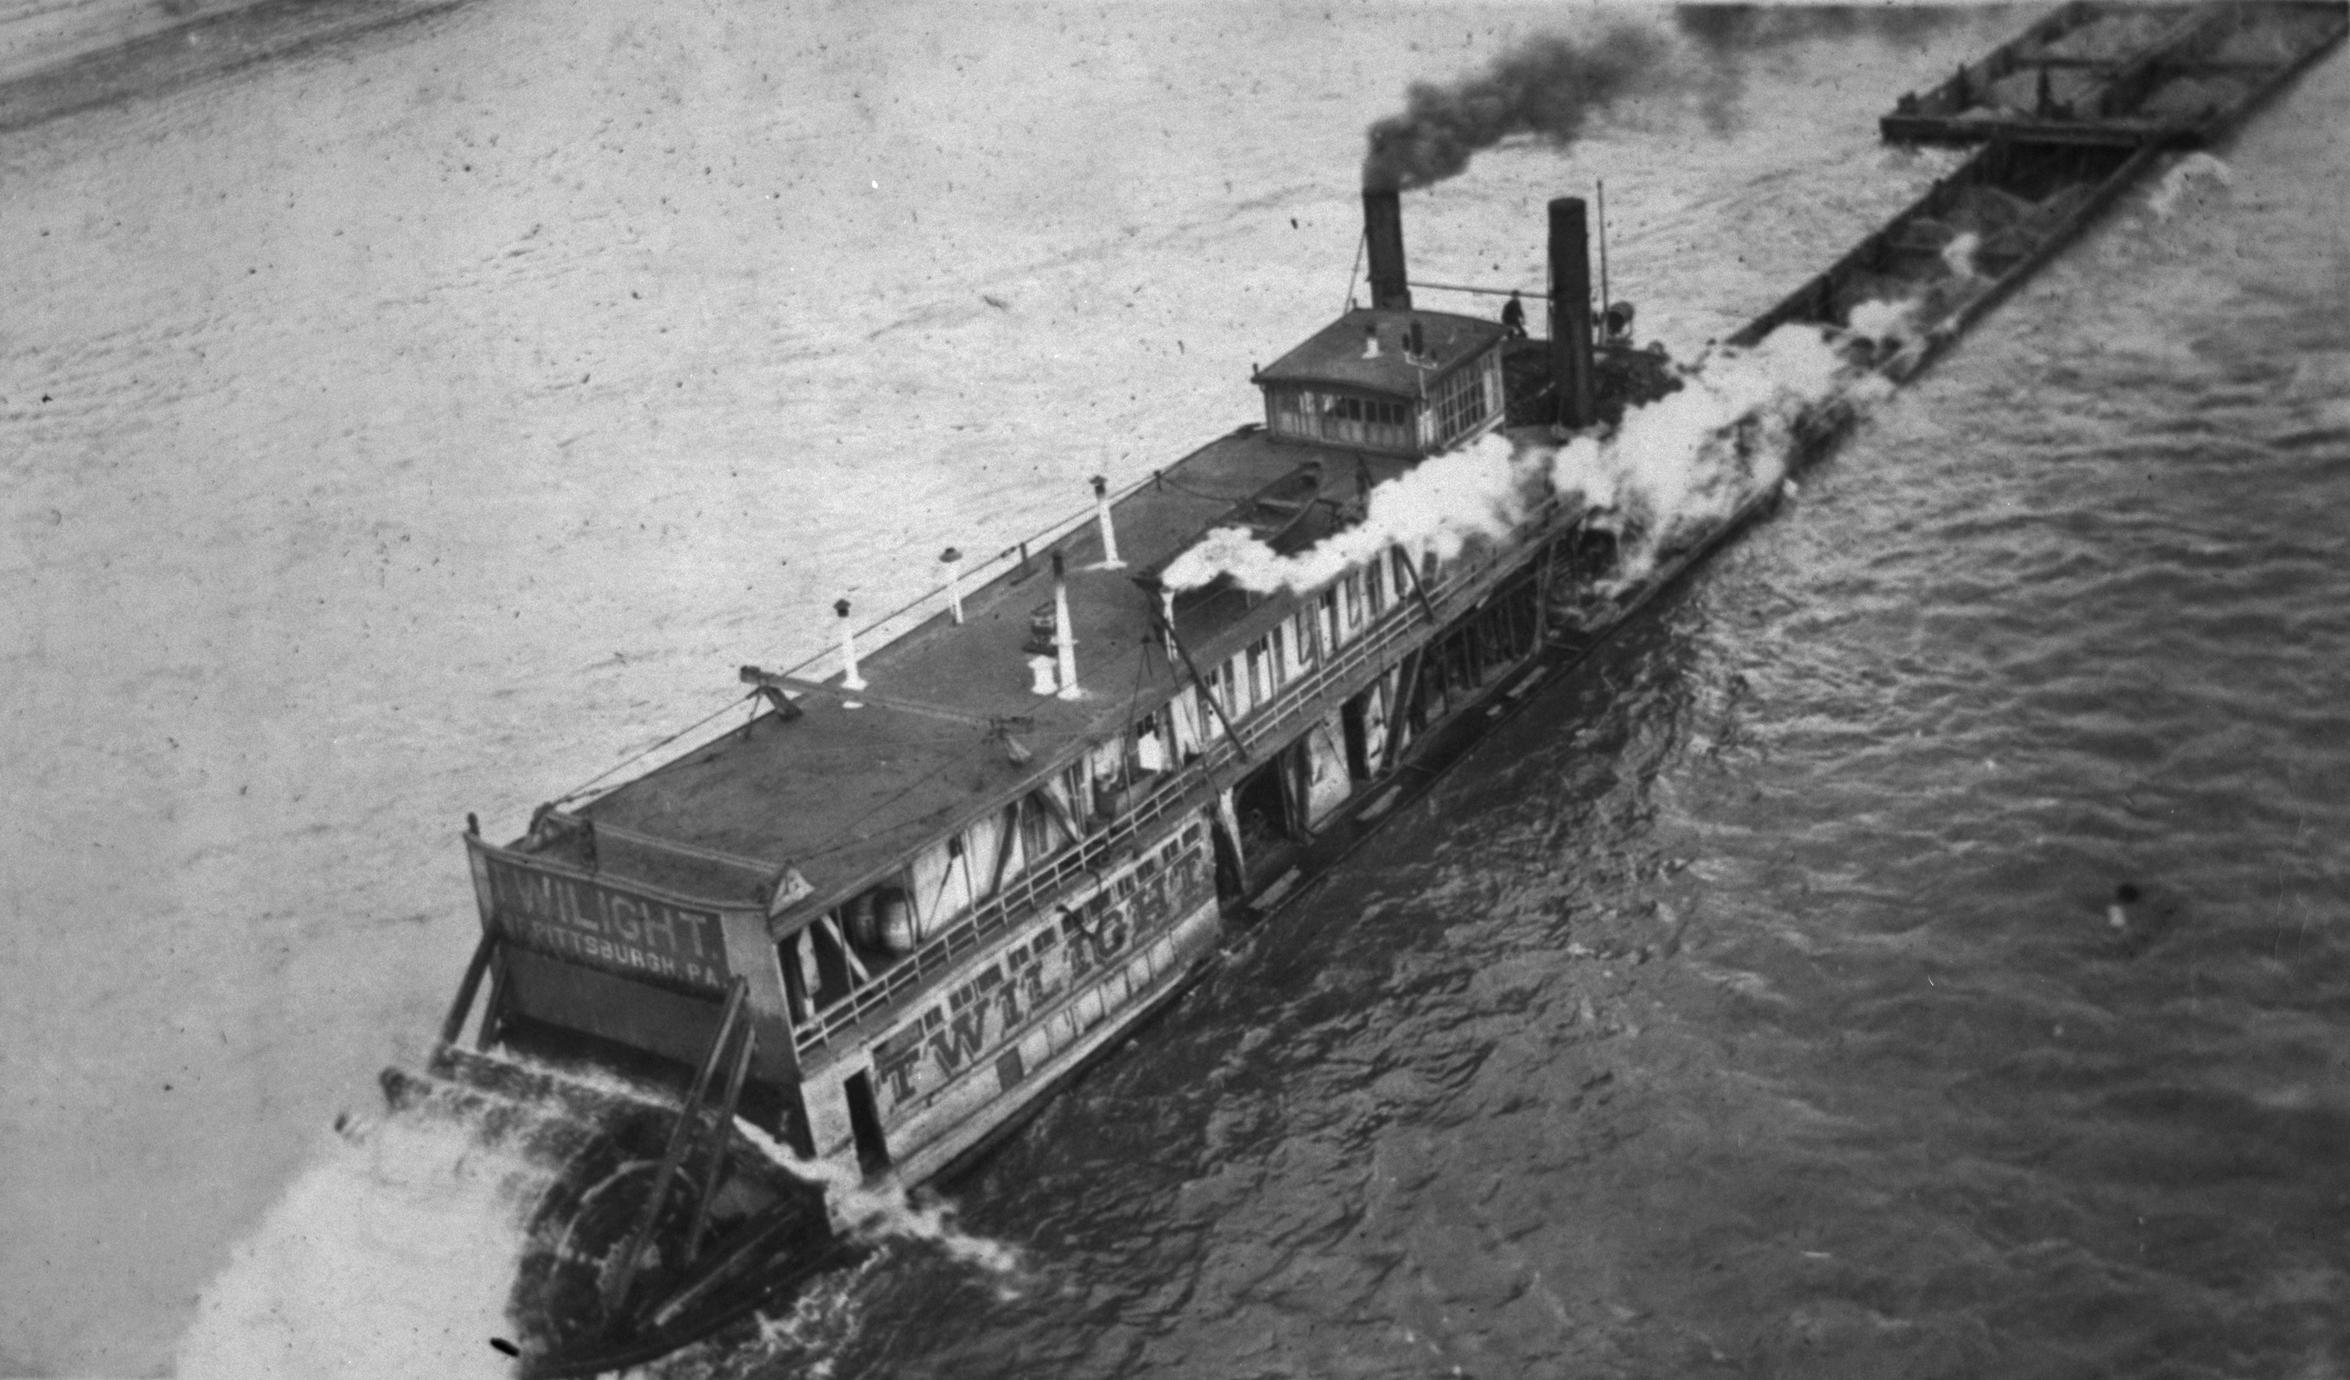 Twilight (Towboat, 1882-1927)